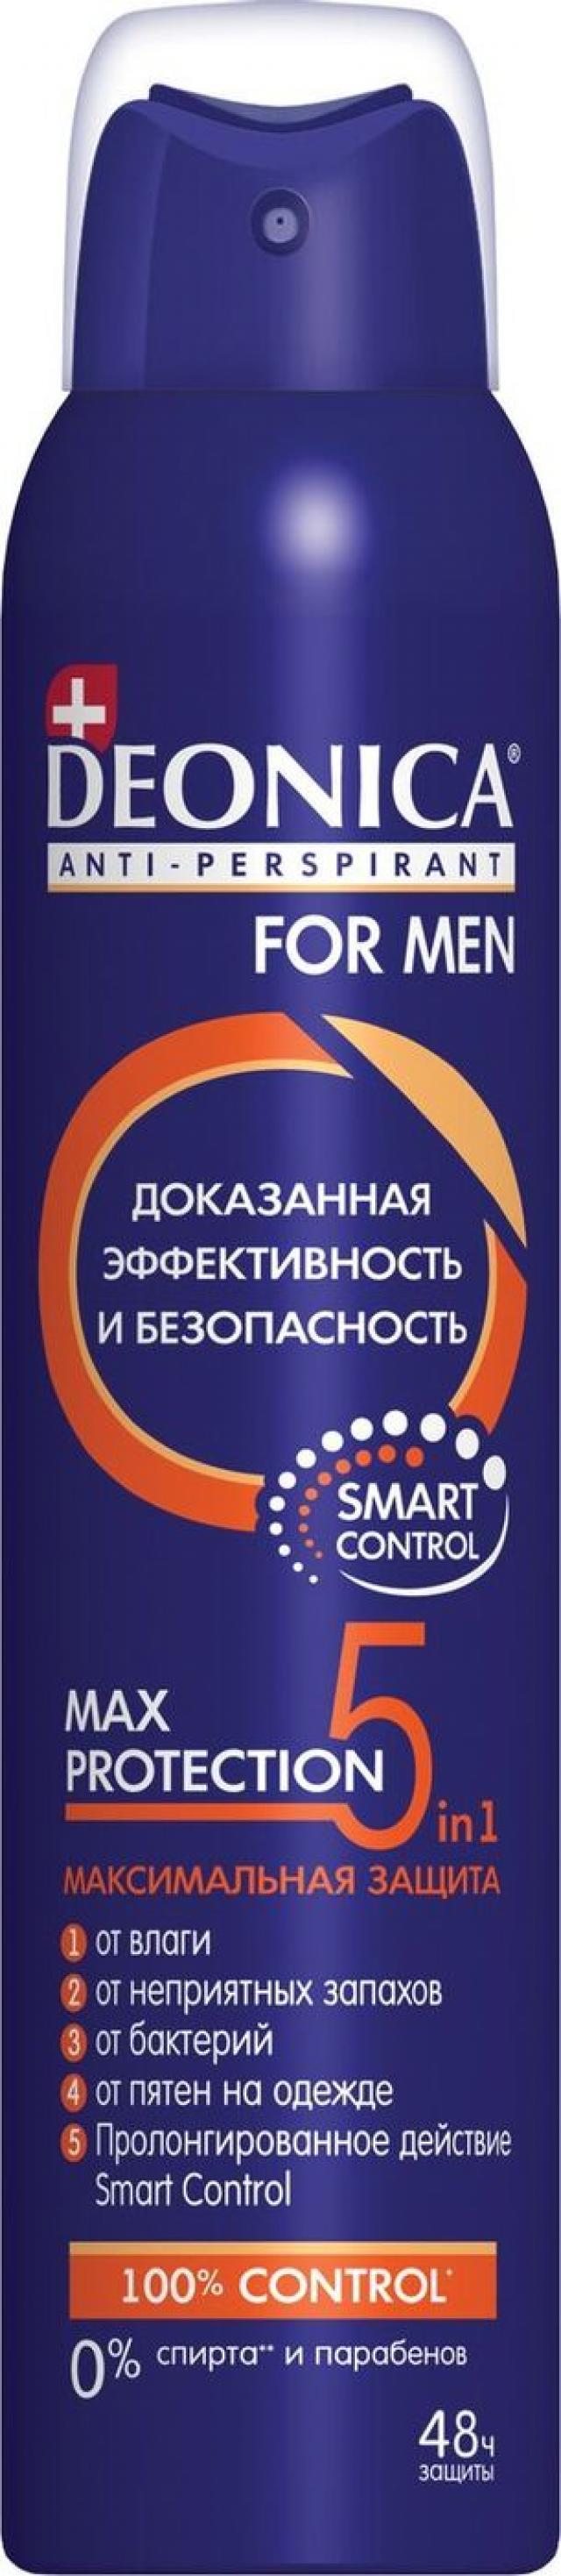 Деоника Мен дезодорант-спрей Макс Протект 5в1 200мл купить в Москве по цене от 0 рублей